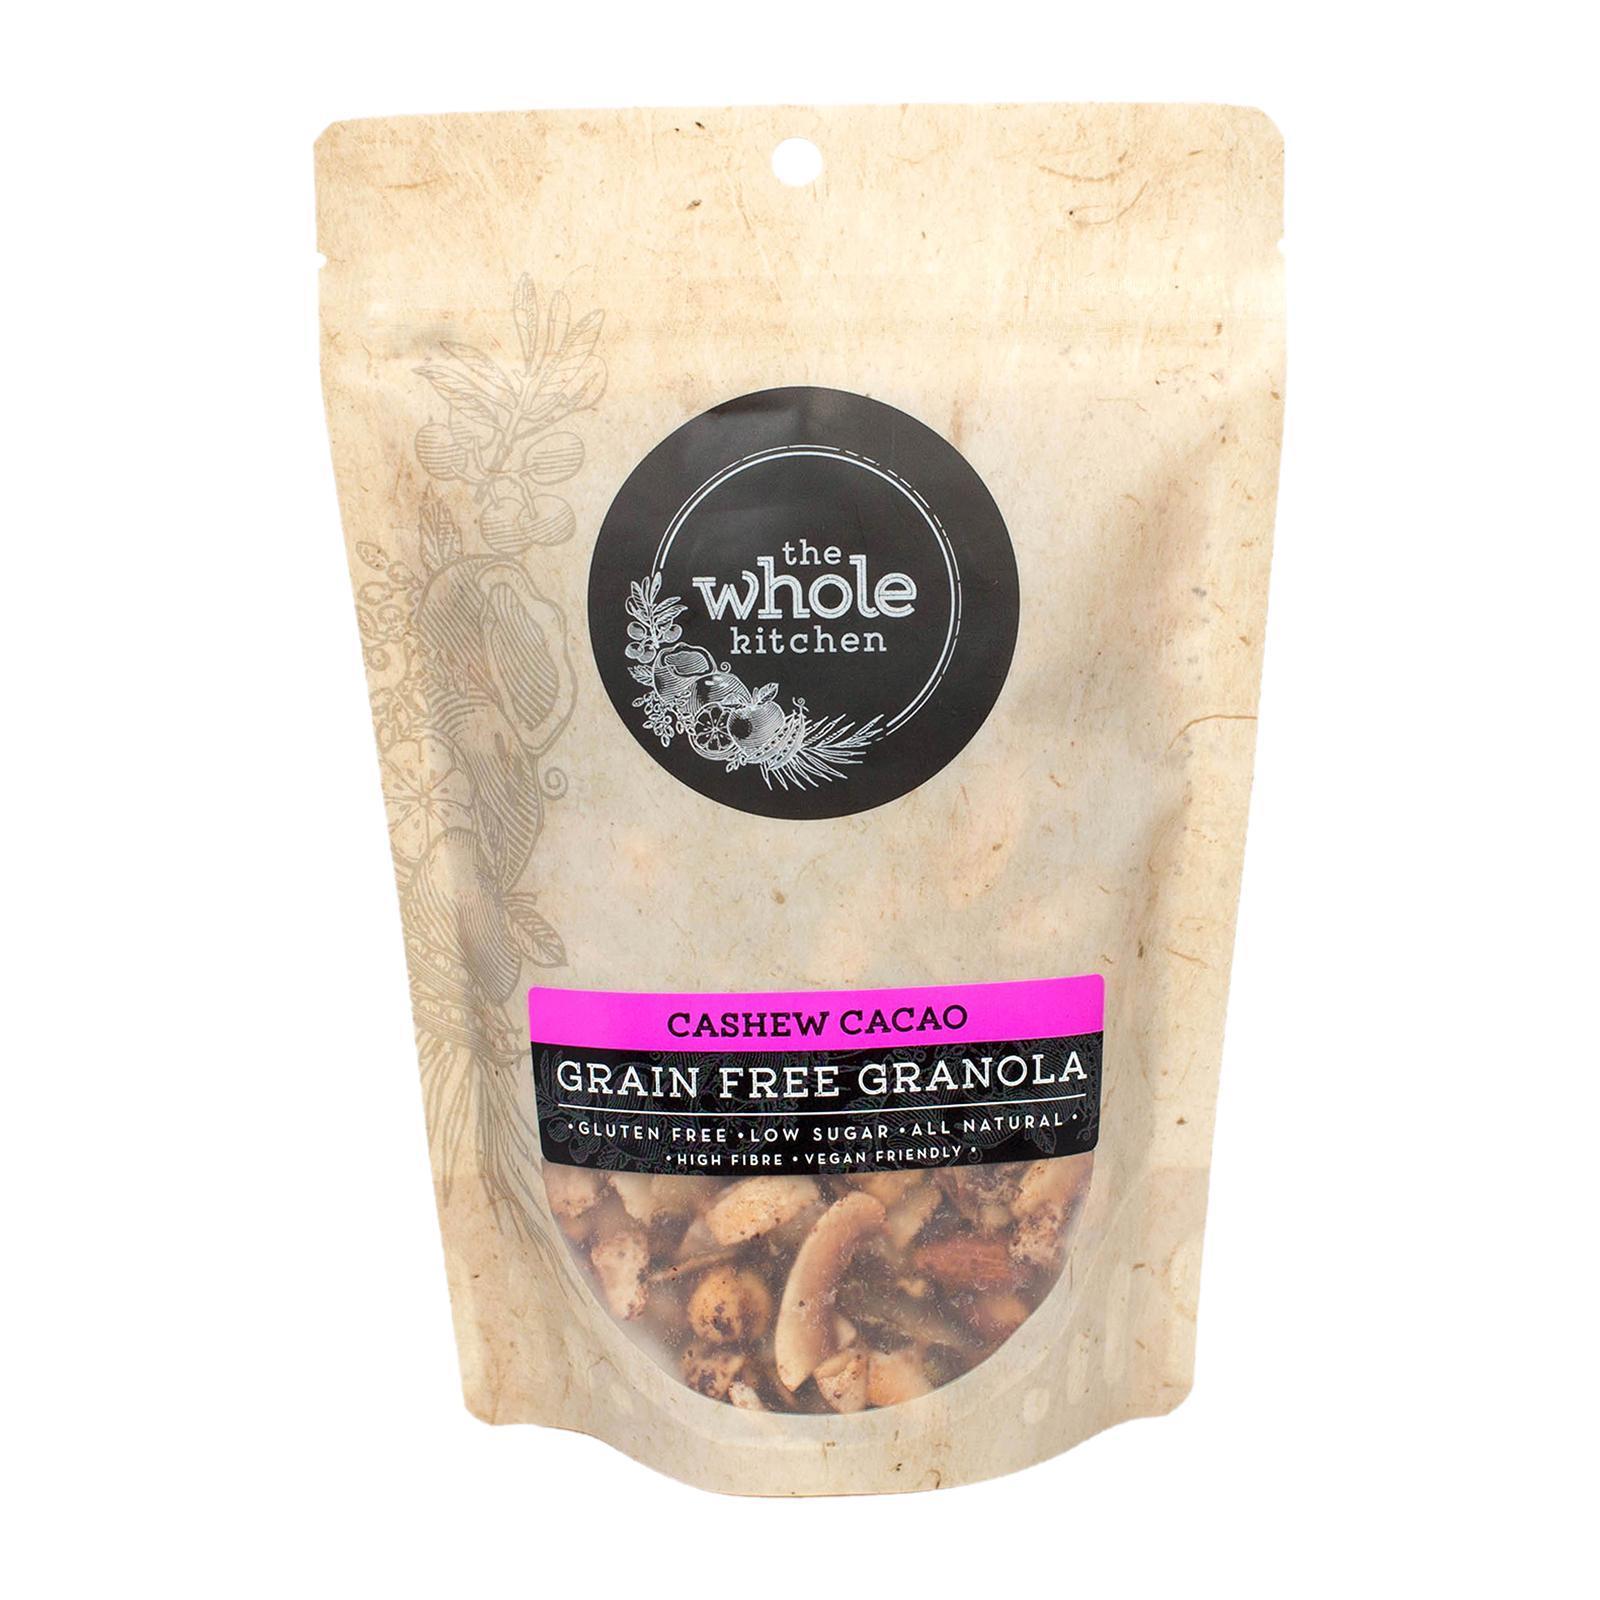 The Whole Kitchen Gluten Free Granola - Cashew Cacao (Grain Free)